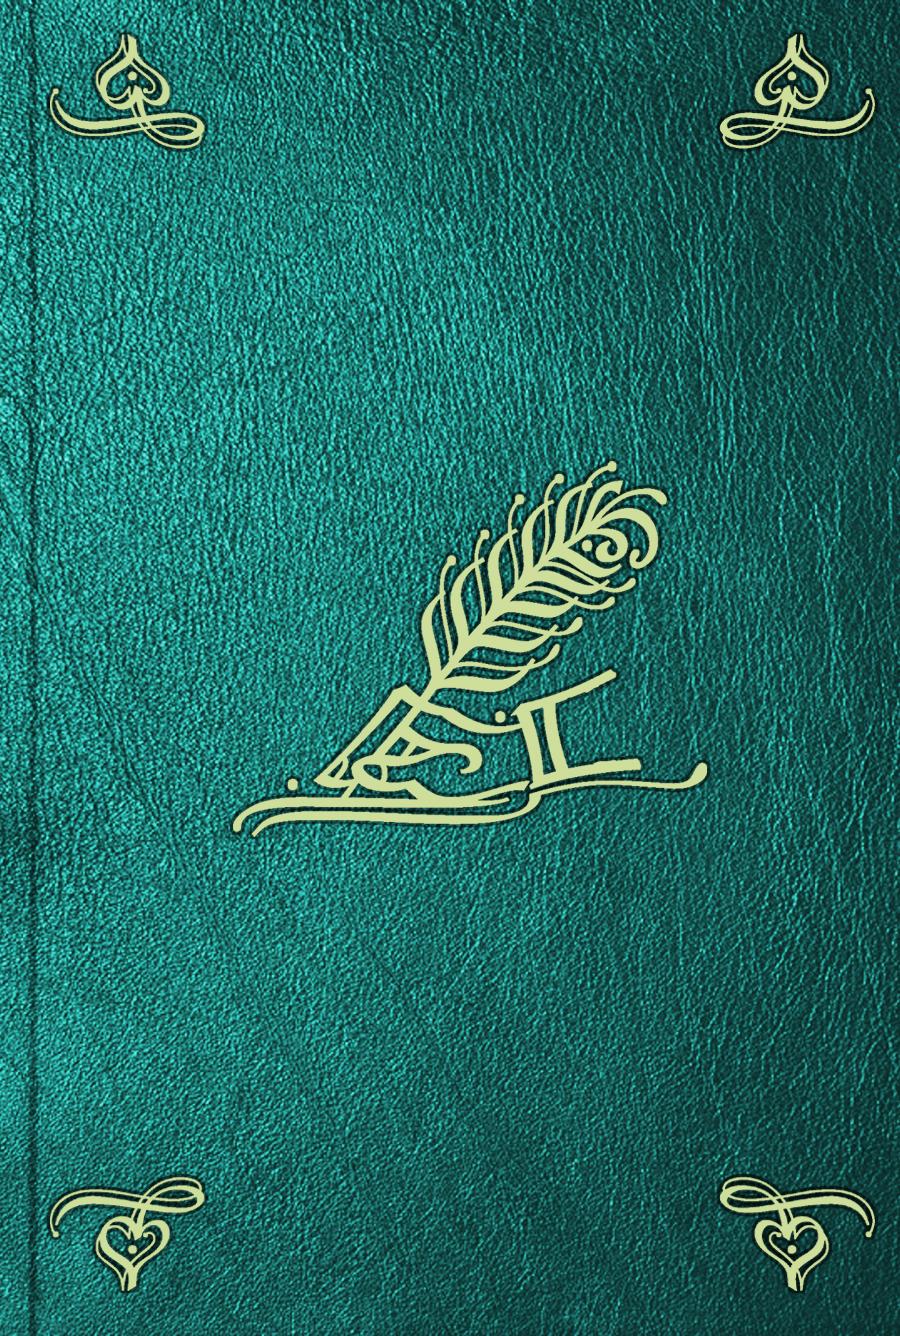 Pierre Loius Ginguené Histoire littéraire d'Italie. T. 4 pierre loius ginguené histoire littéraire d italie t 2